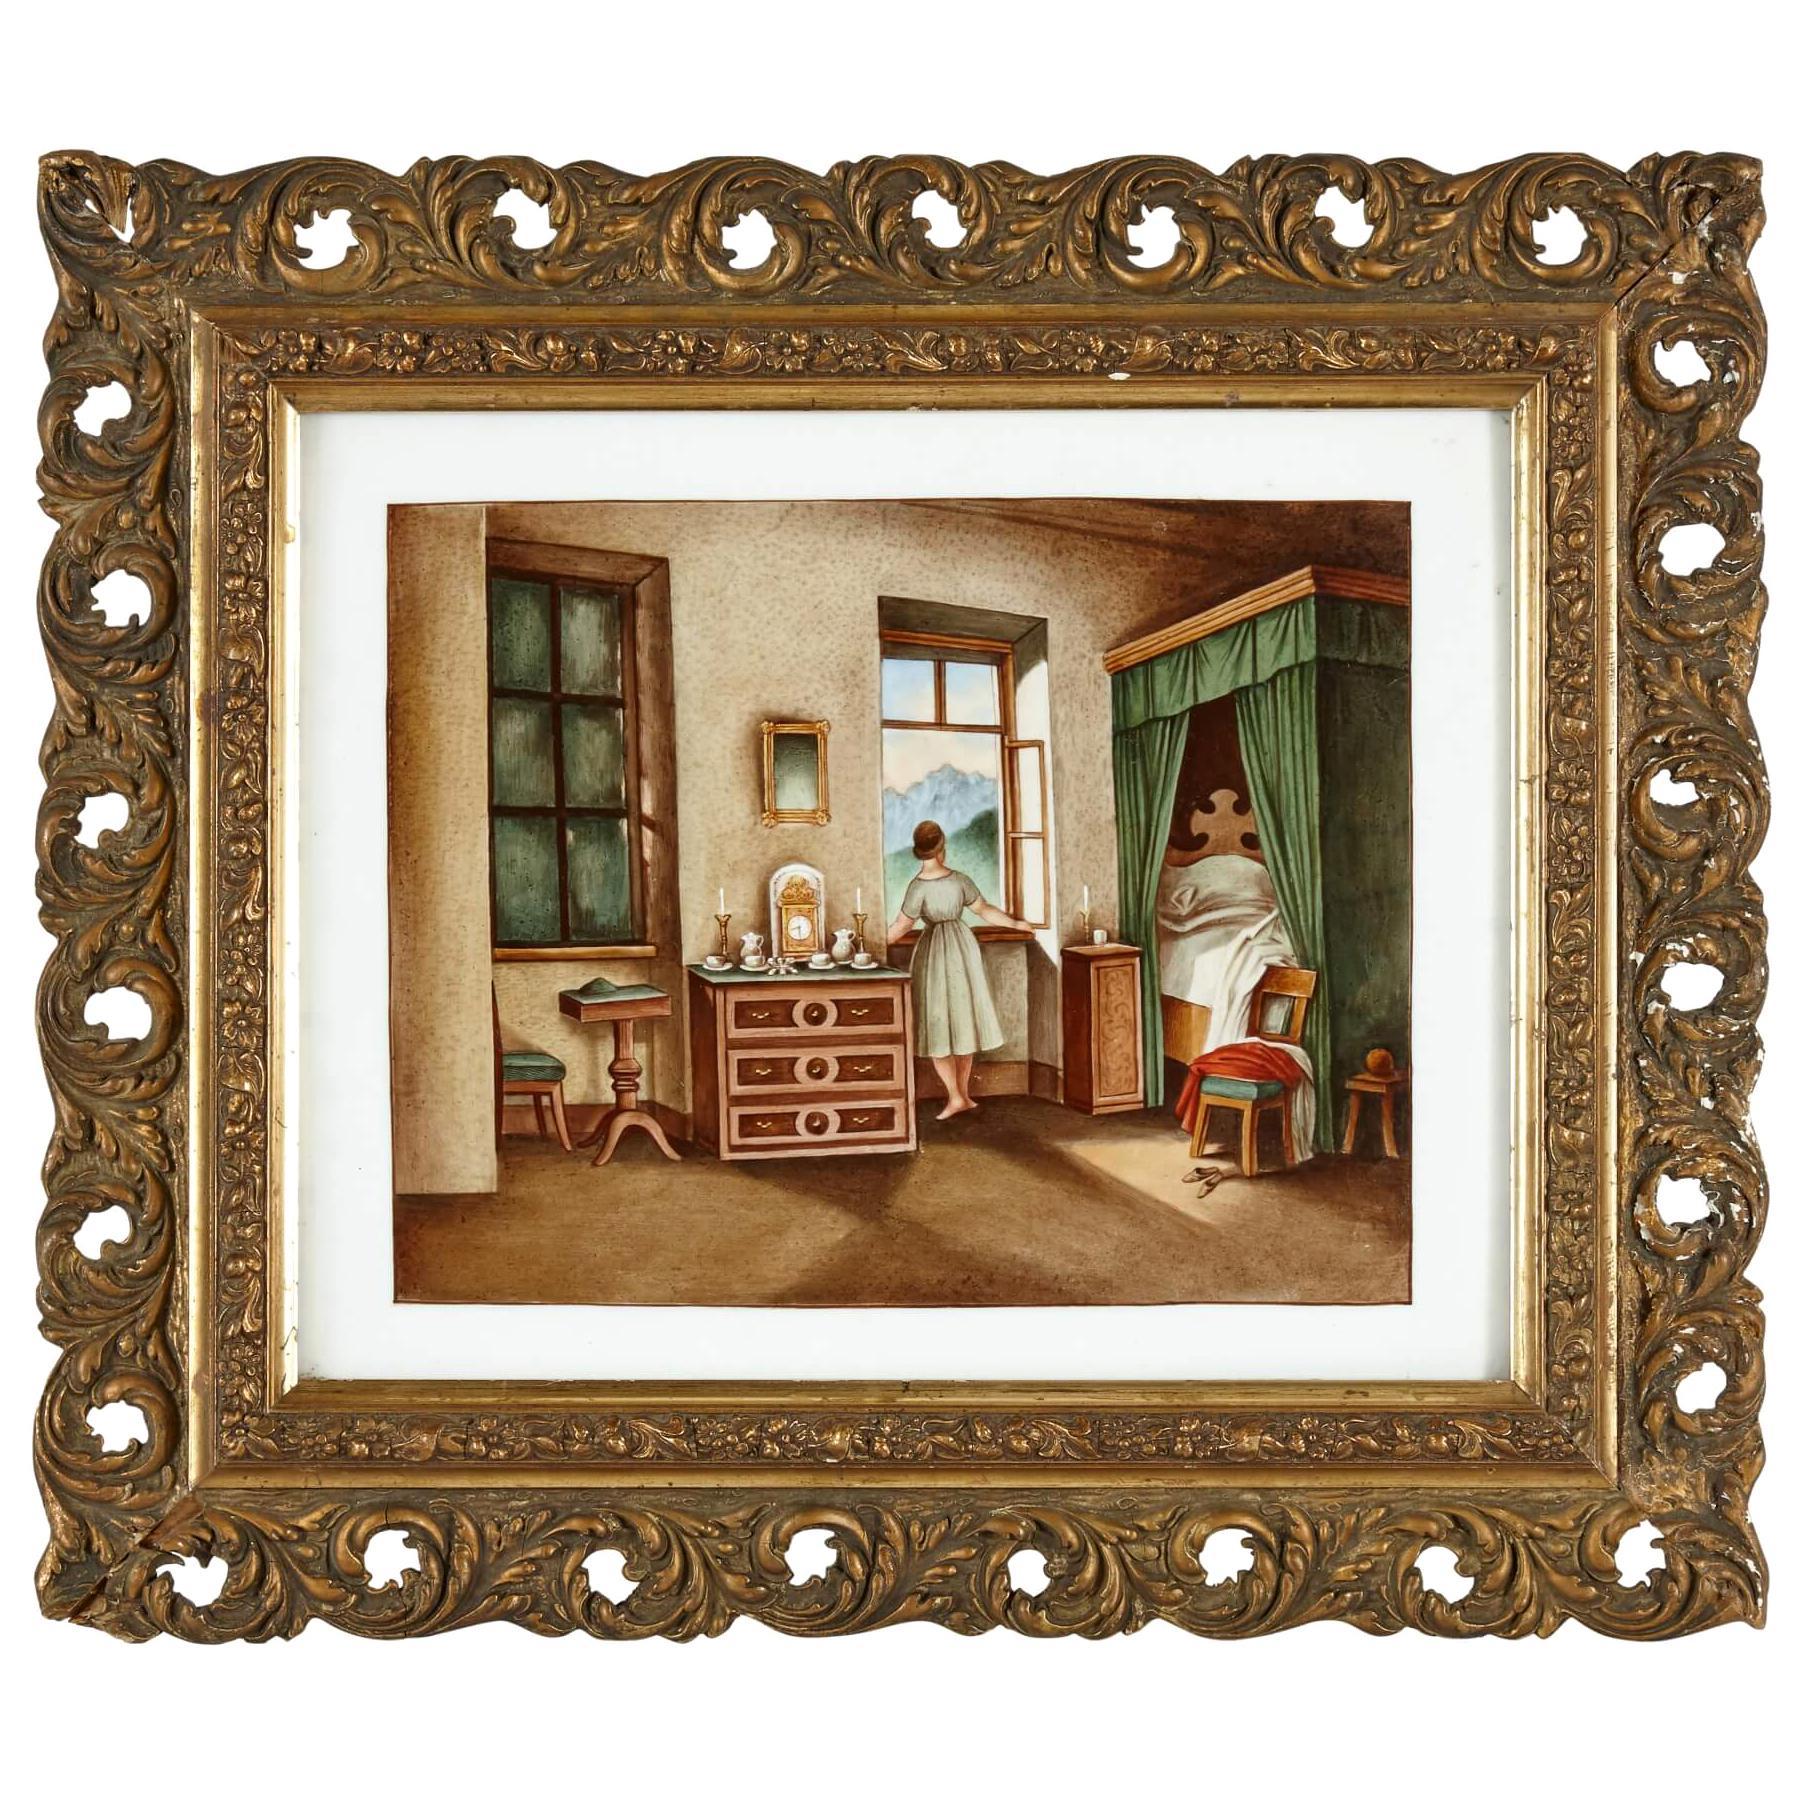 German KPM Porcelain Plaque of an Interior Bedroom Scene